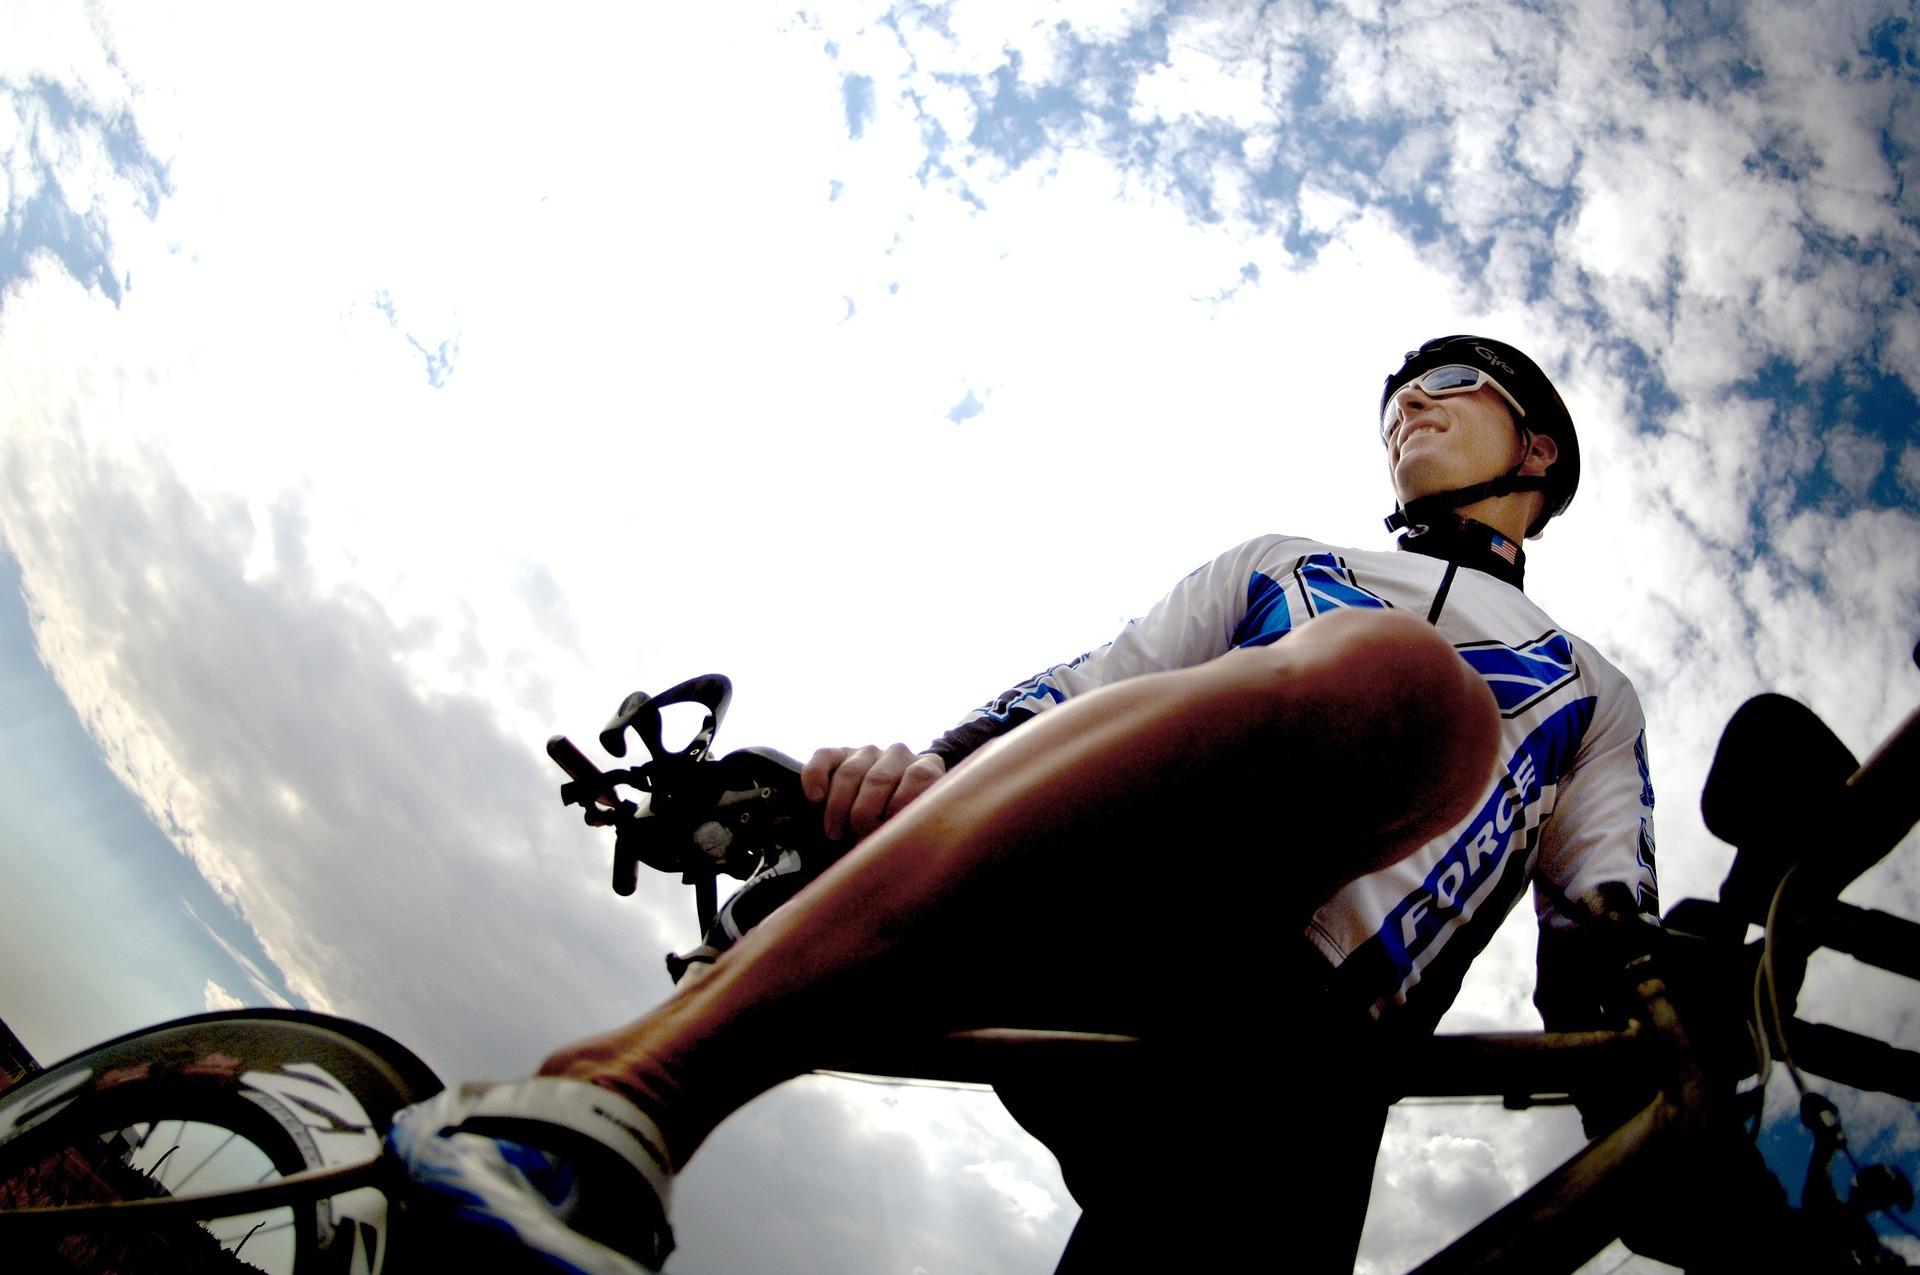 Tour de France : un coureur coincé dans des rouleaux de lavage pour voiture